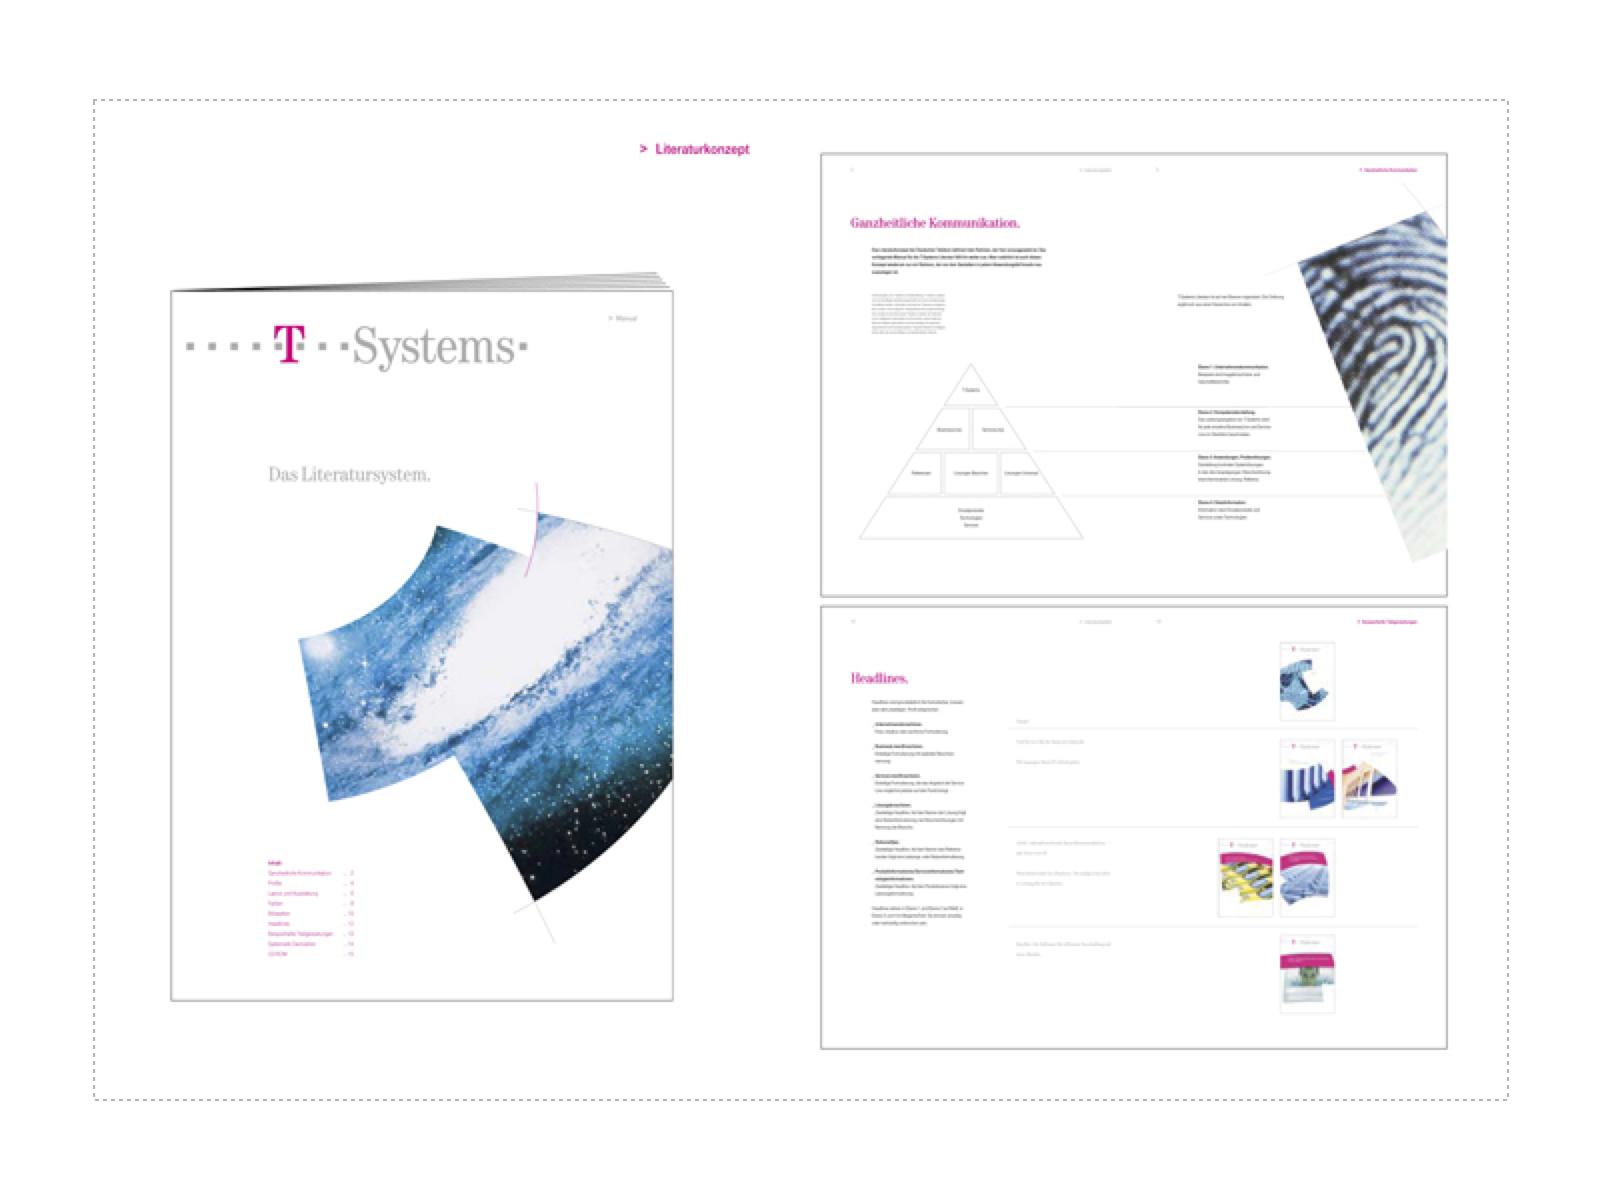 Manual für Systematik für Broschürentitel